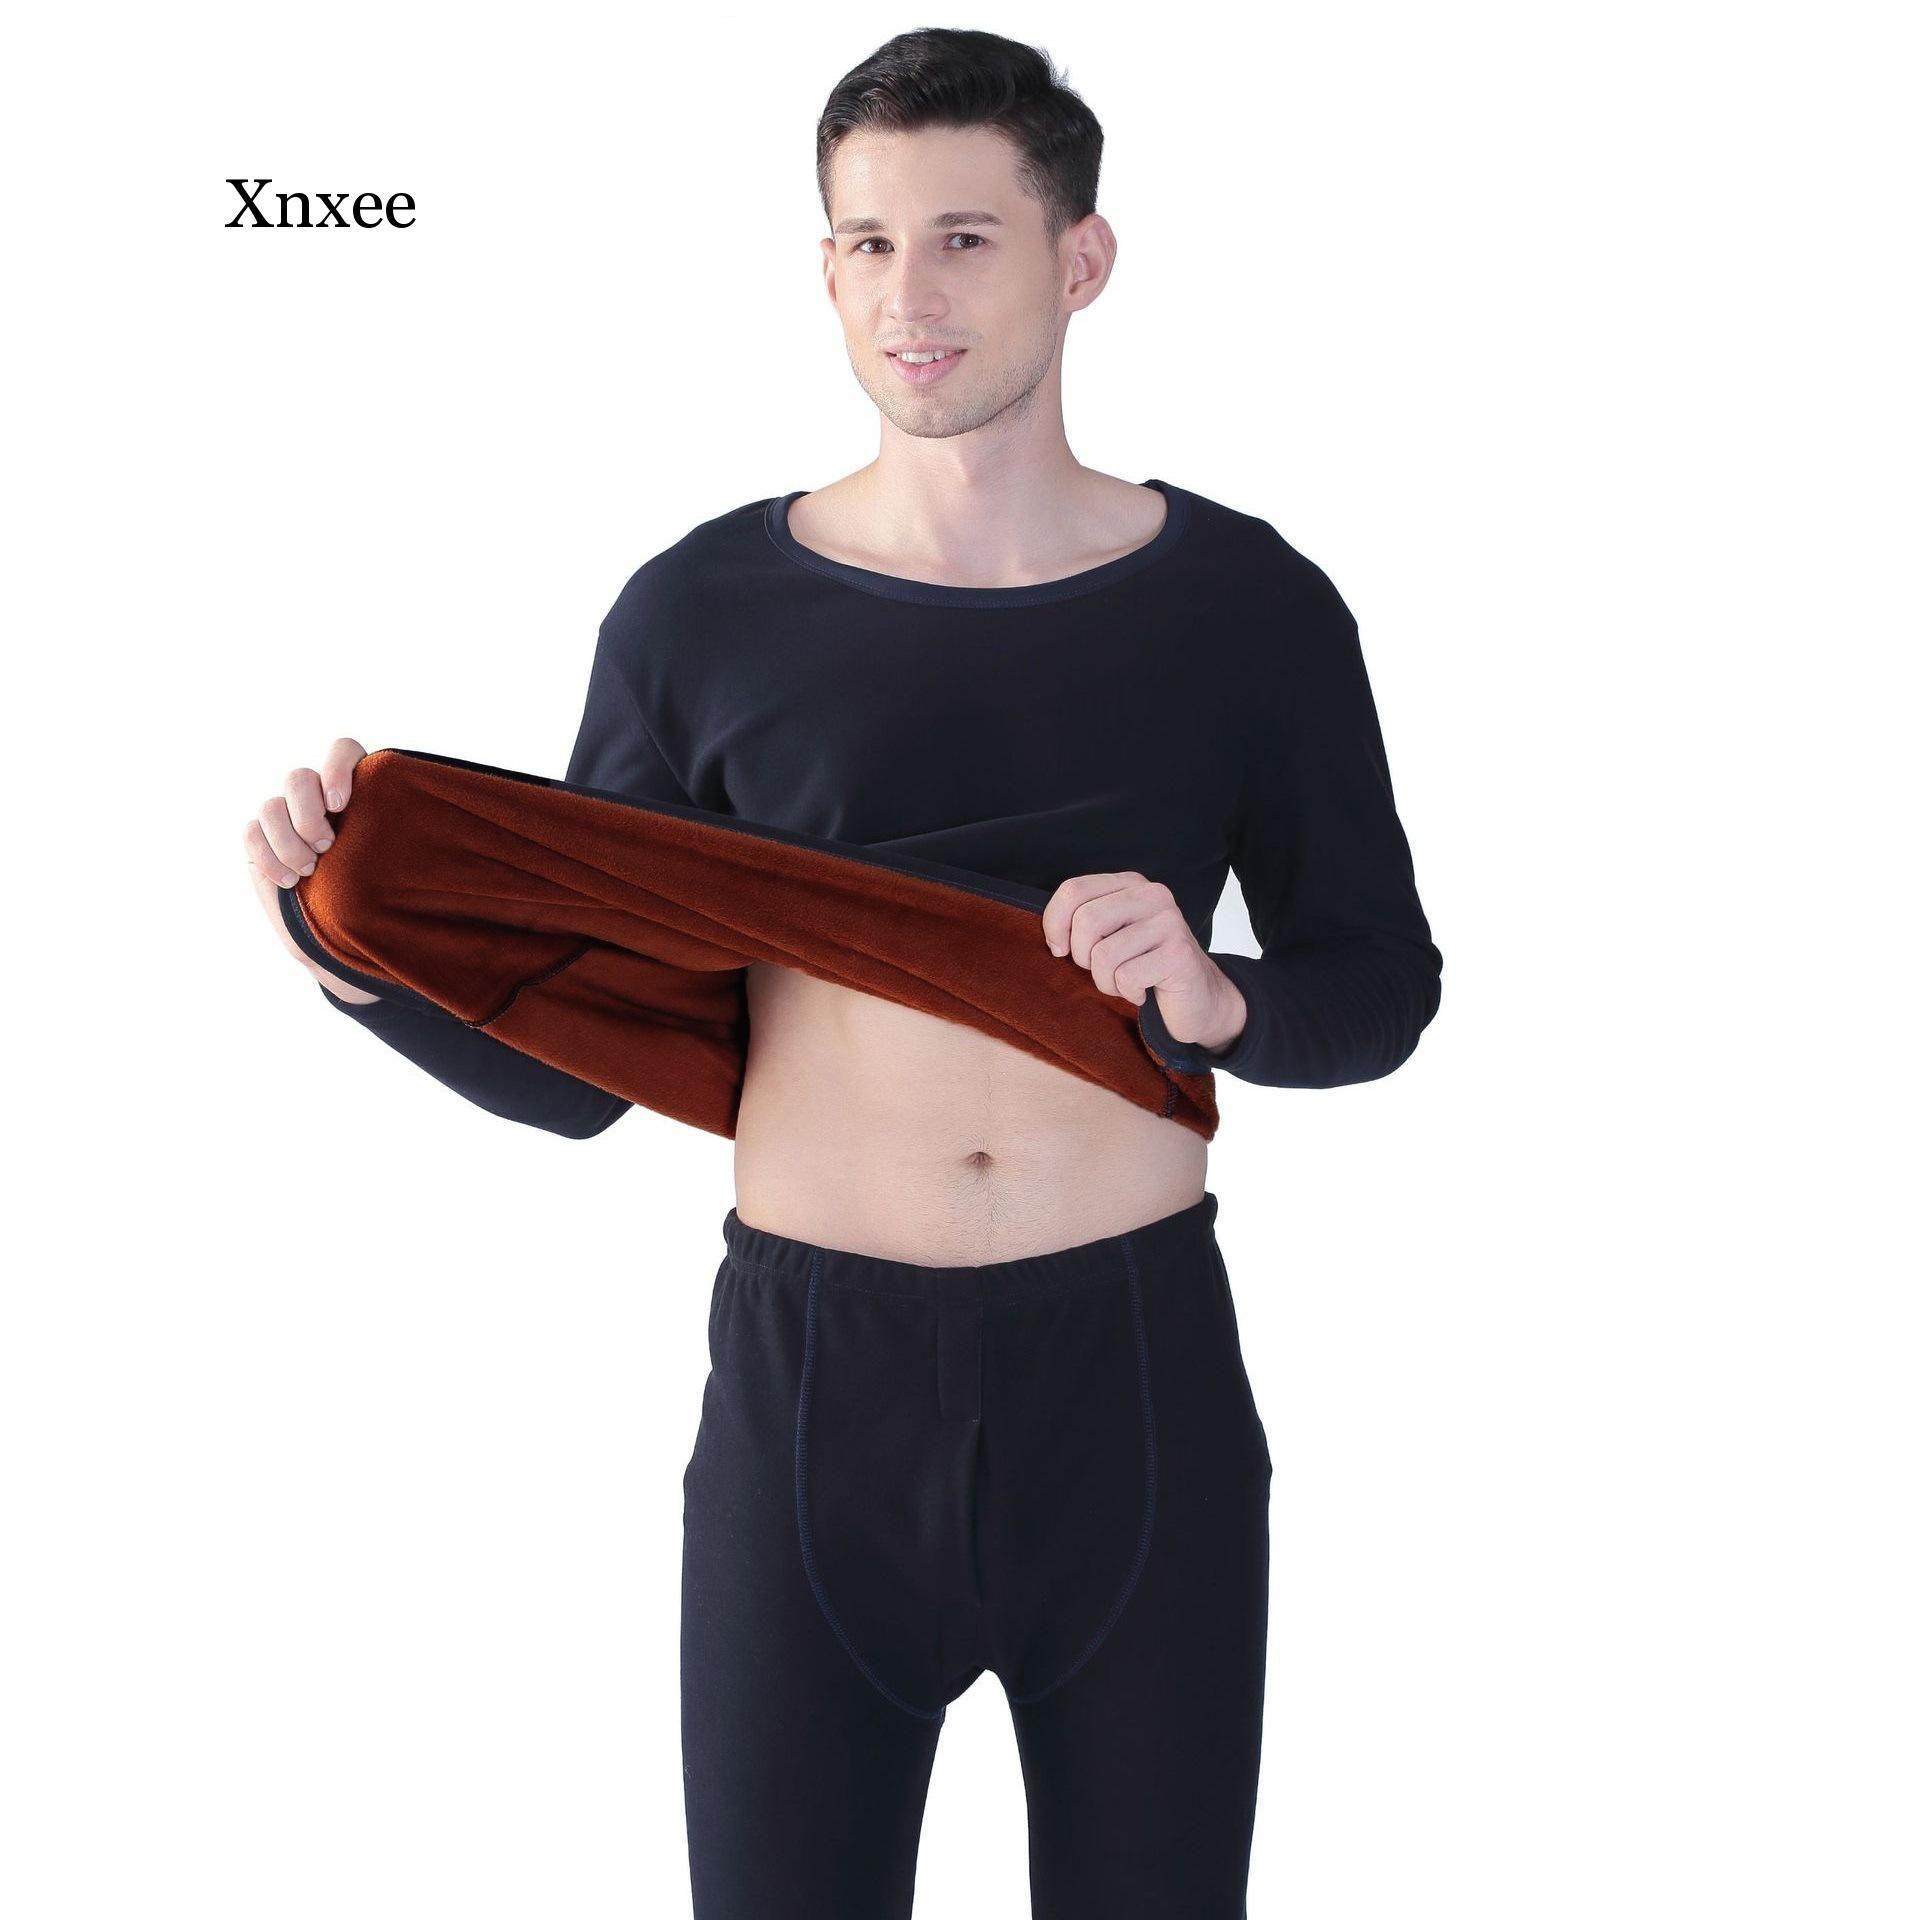 8XL Sıcak Rus Erkekler Termal İç Dipleri 2020 Sonbahar Yeni Artı Vlvet Yumuşak Kalınlaşmak Sıcak Kış Uyku Kıyafet